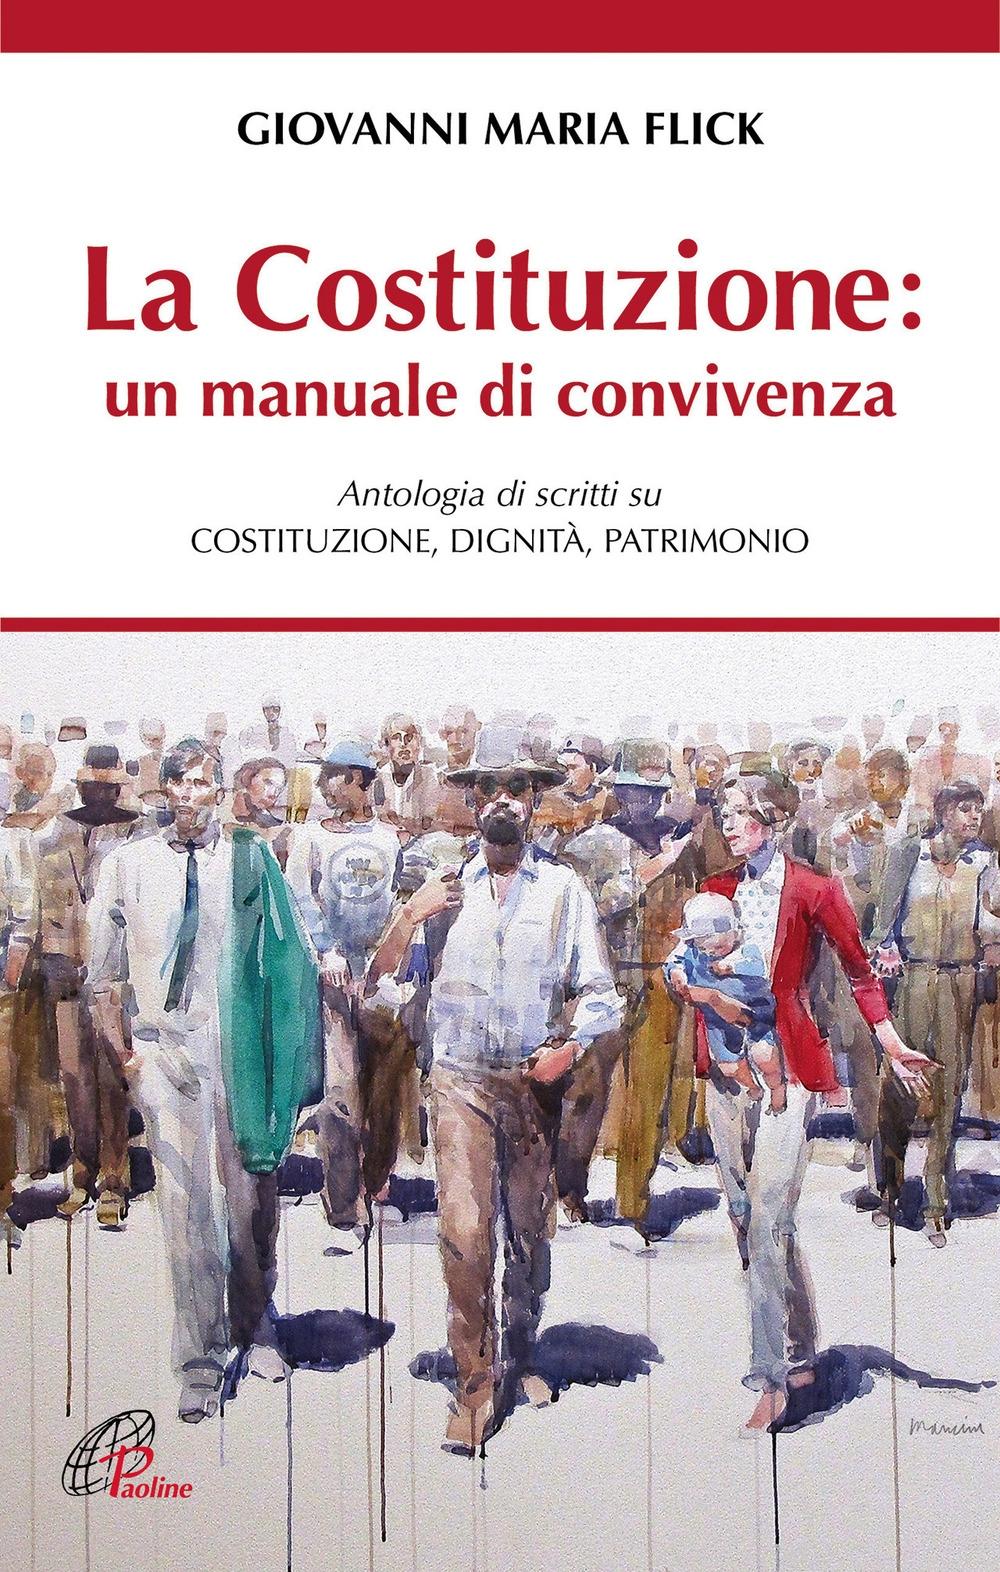 La Costituzione, un manuale di convivenza